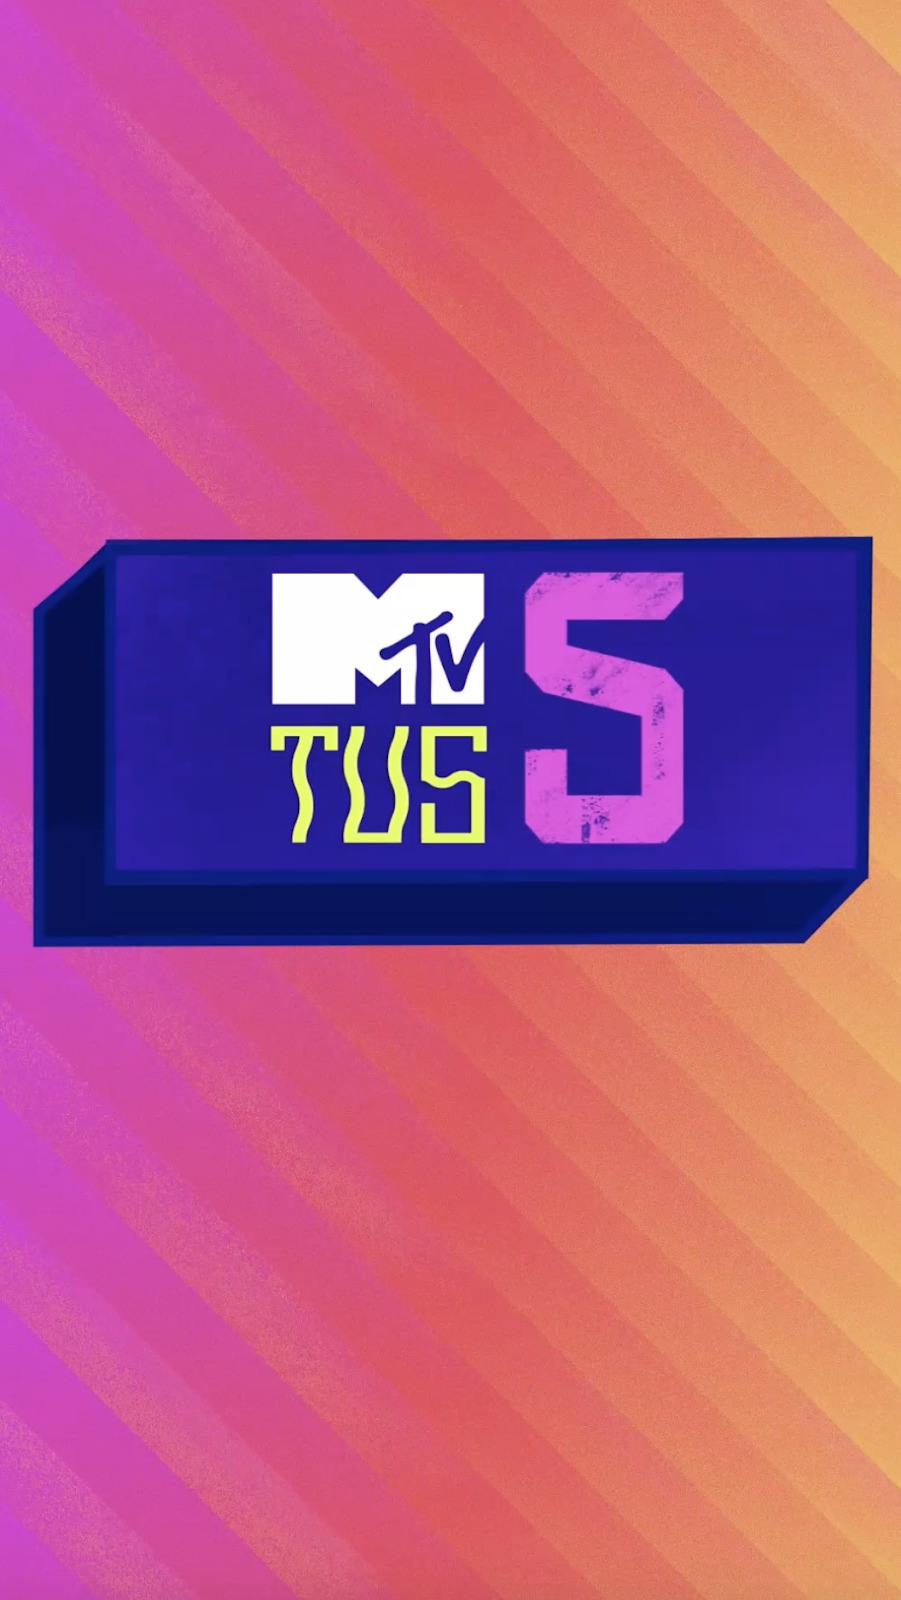 MTV Tus5, el nuevo espacio semanal de IGTV de MTV Latinoamérica